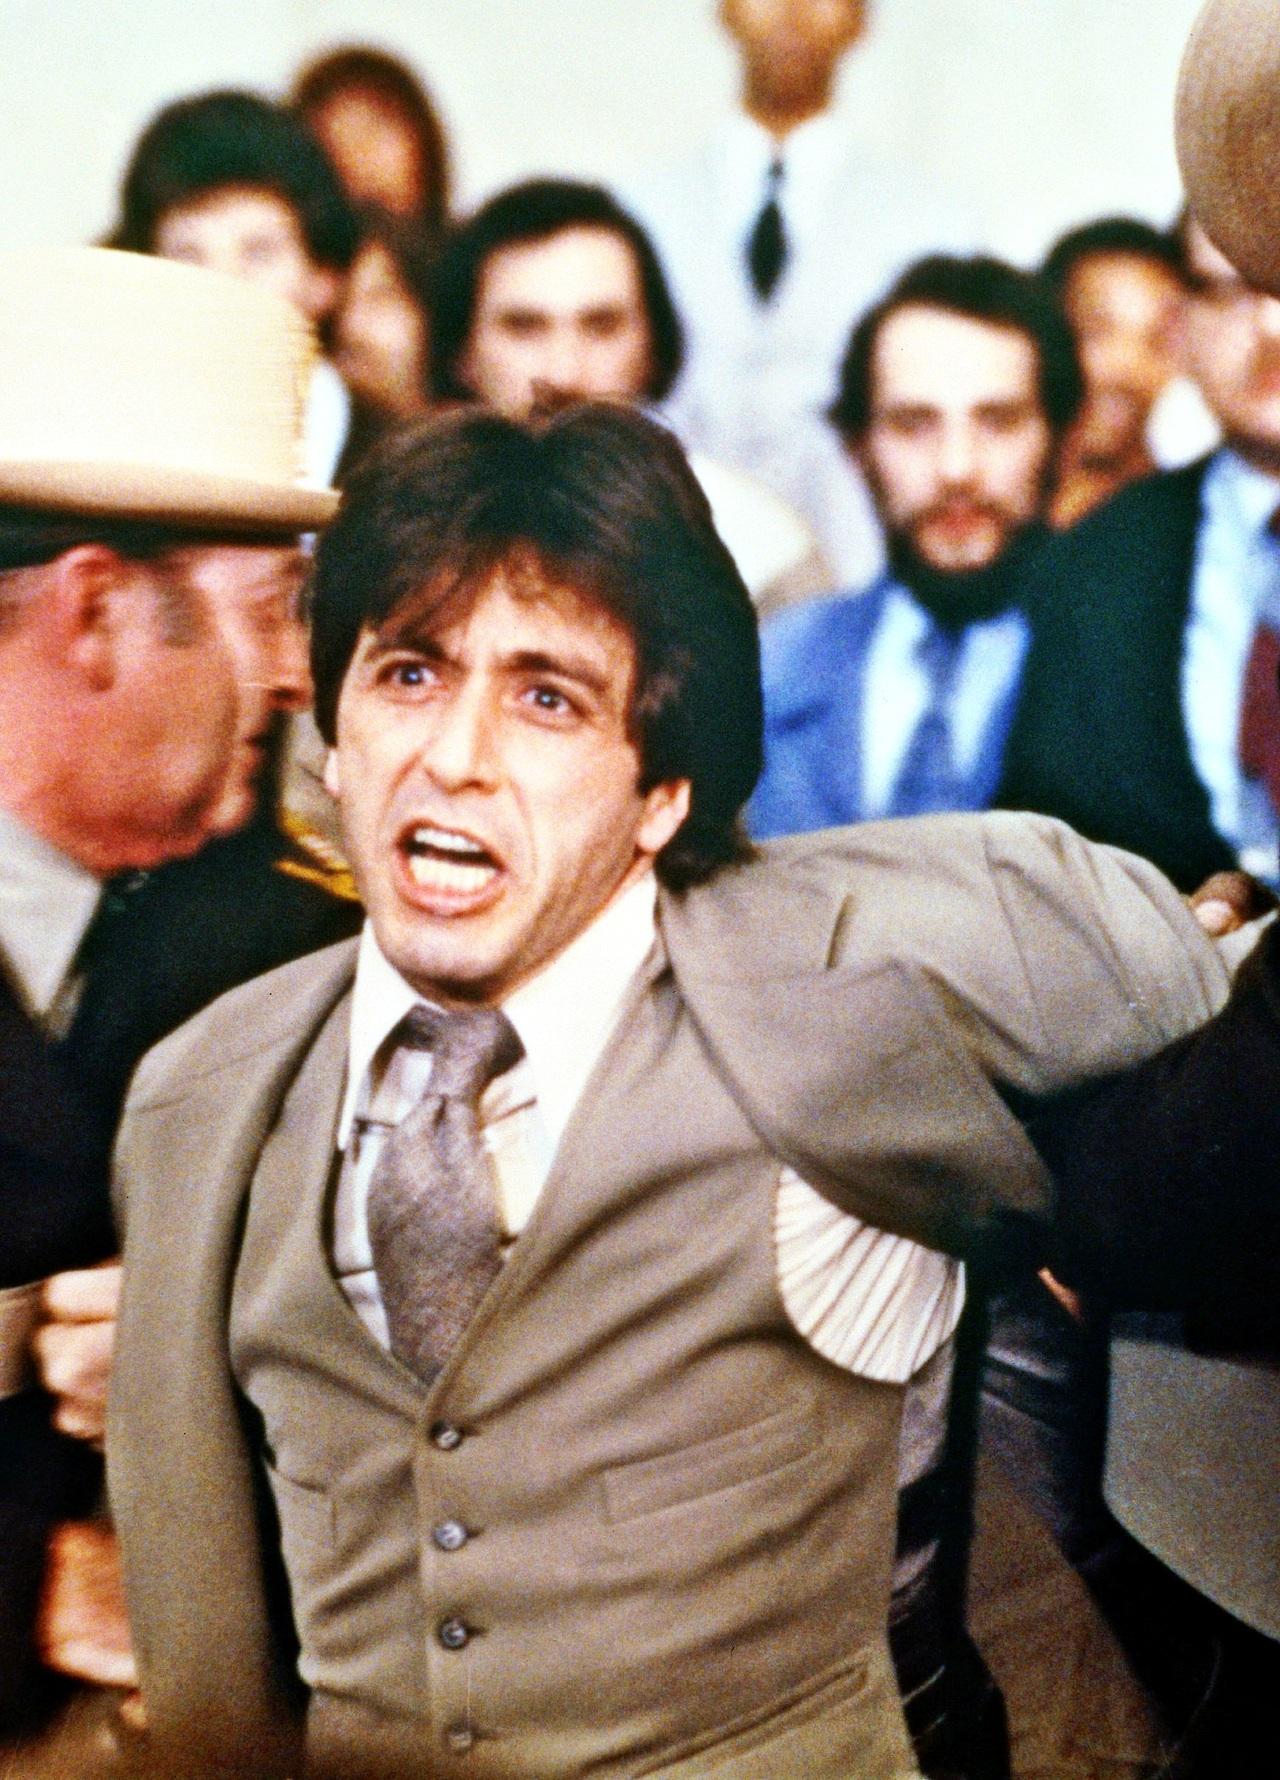 Аль Пачино Al Pacino Справедливость для всех